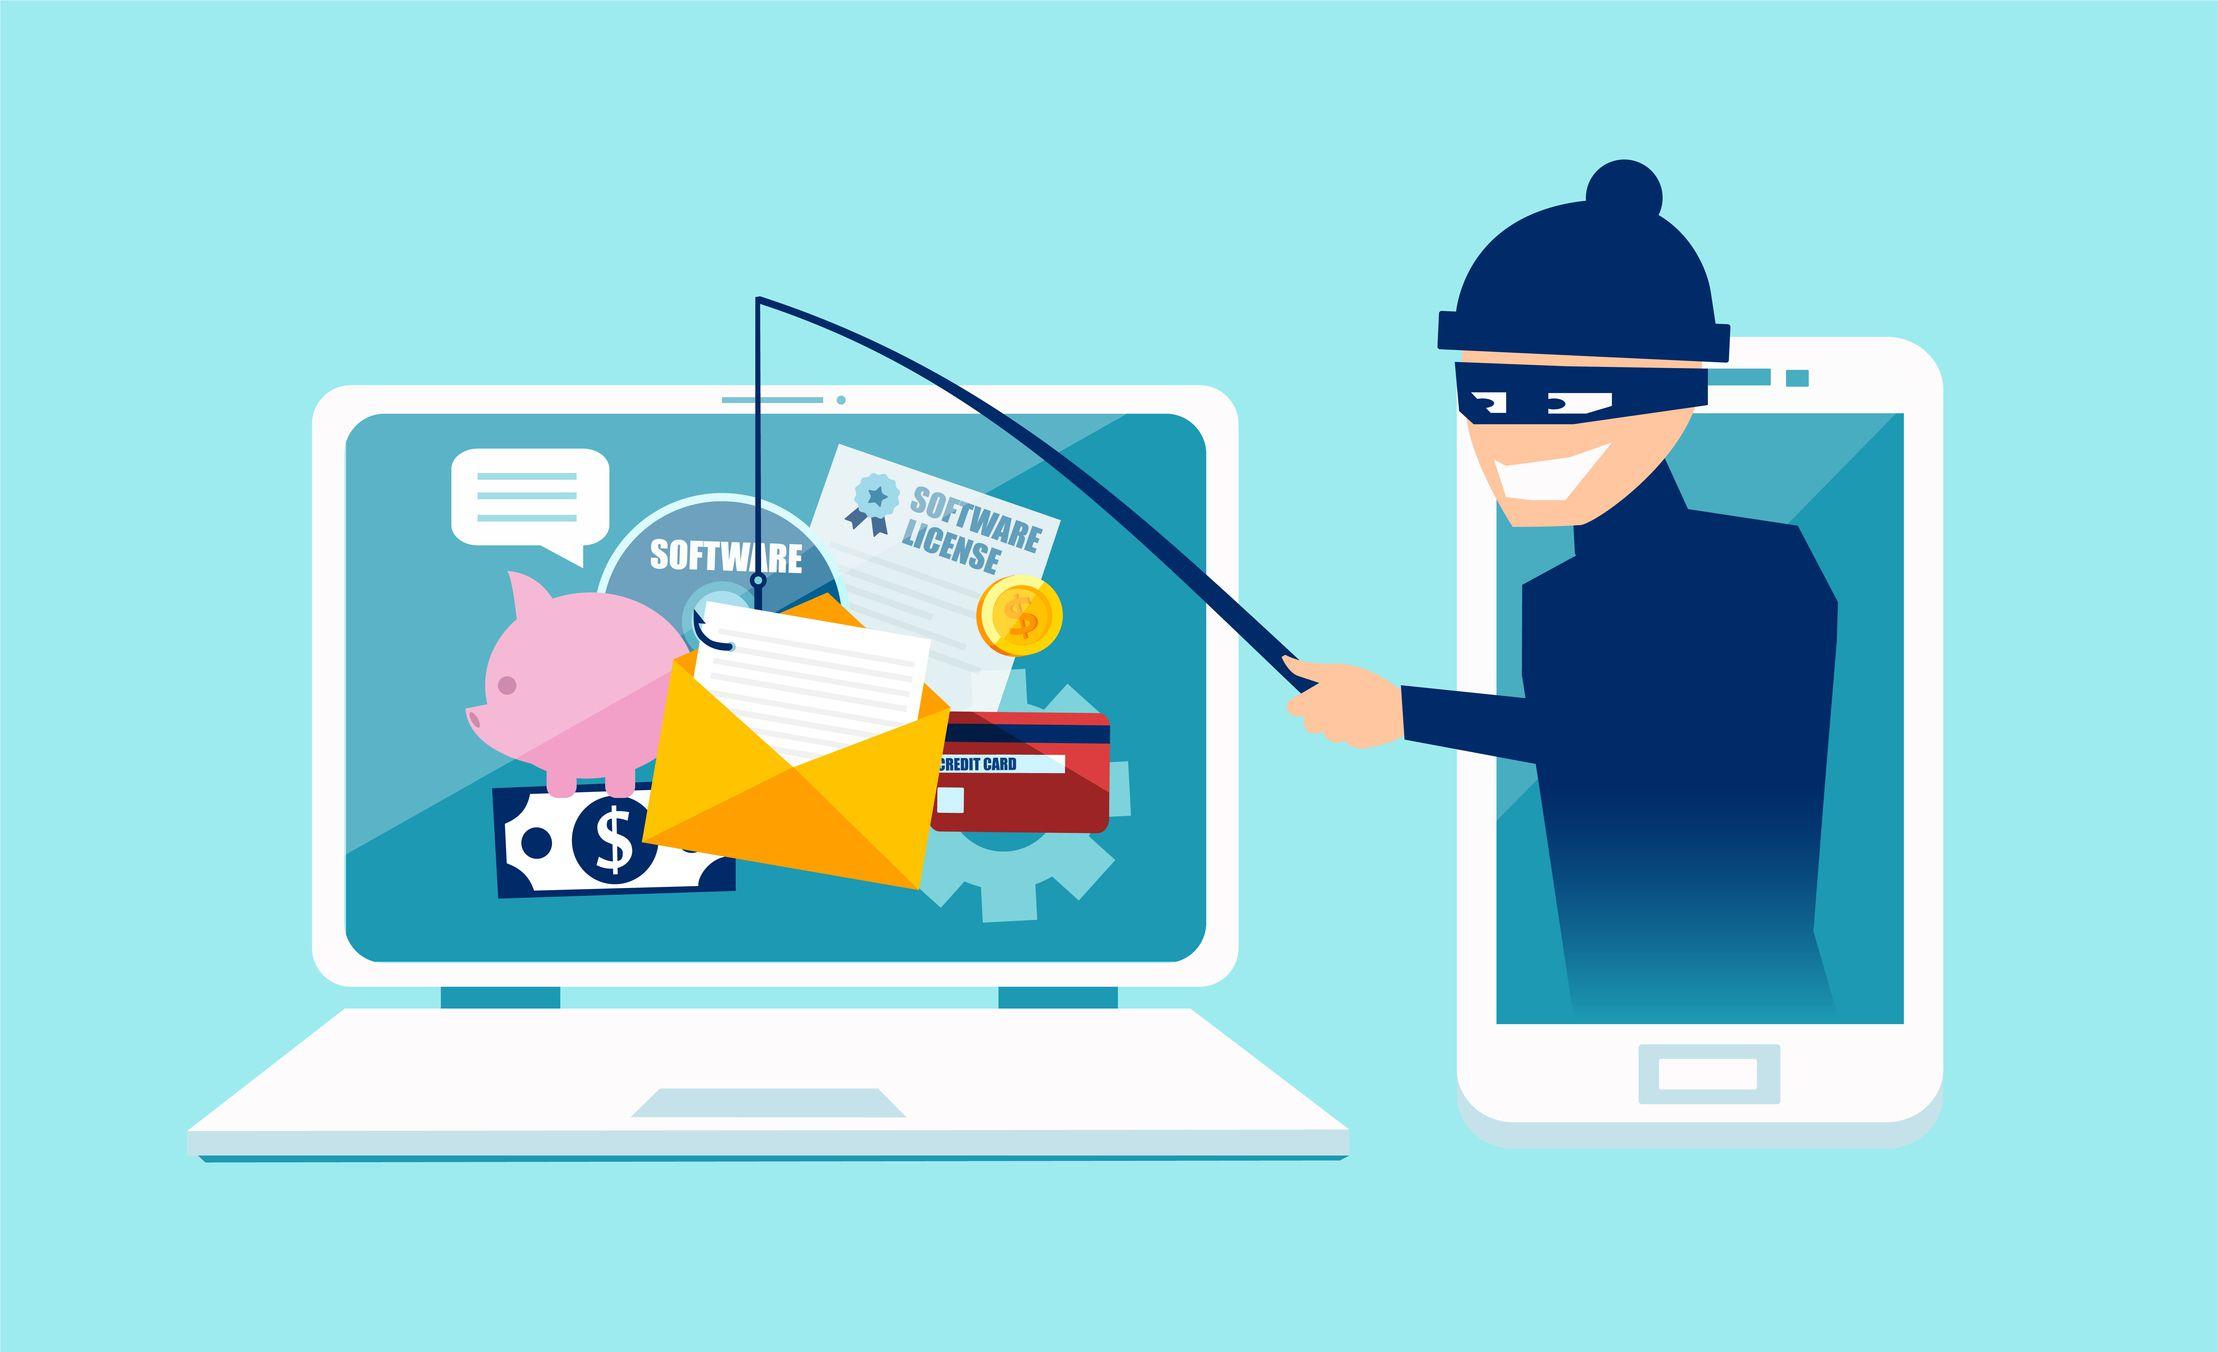 联邦紧急事务管理局:诈骗者试图利用灾难援助金骗局窃取个人信息